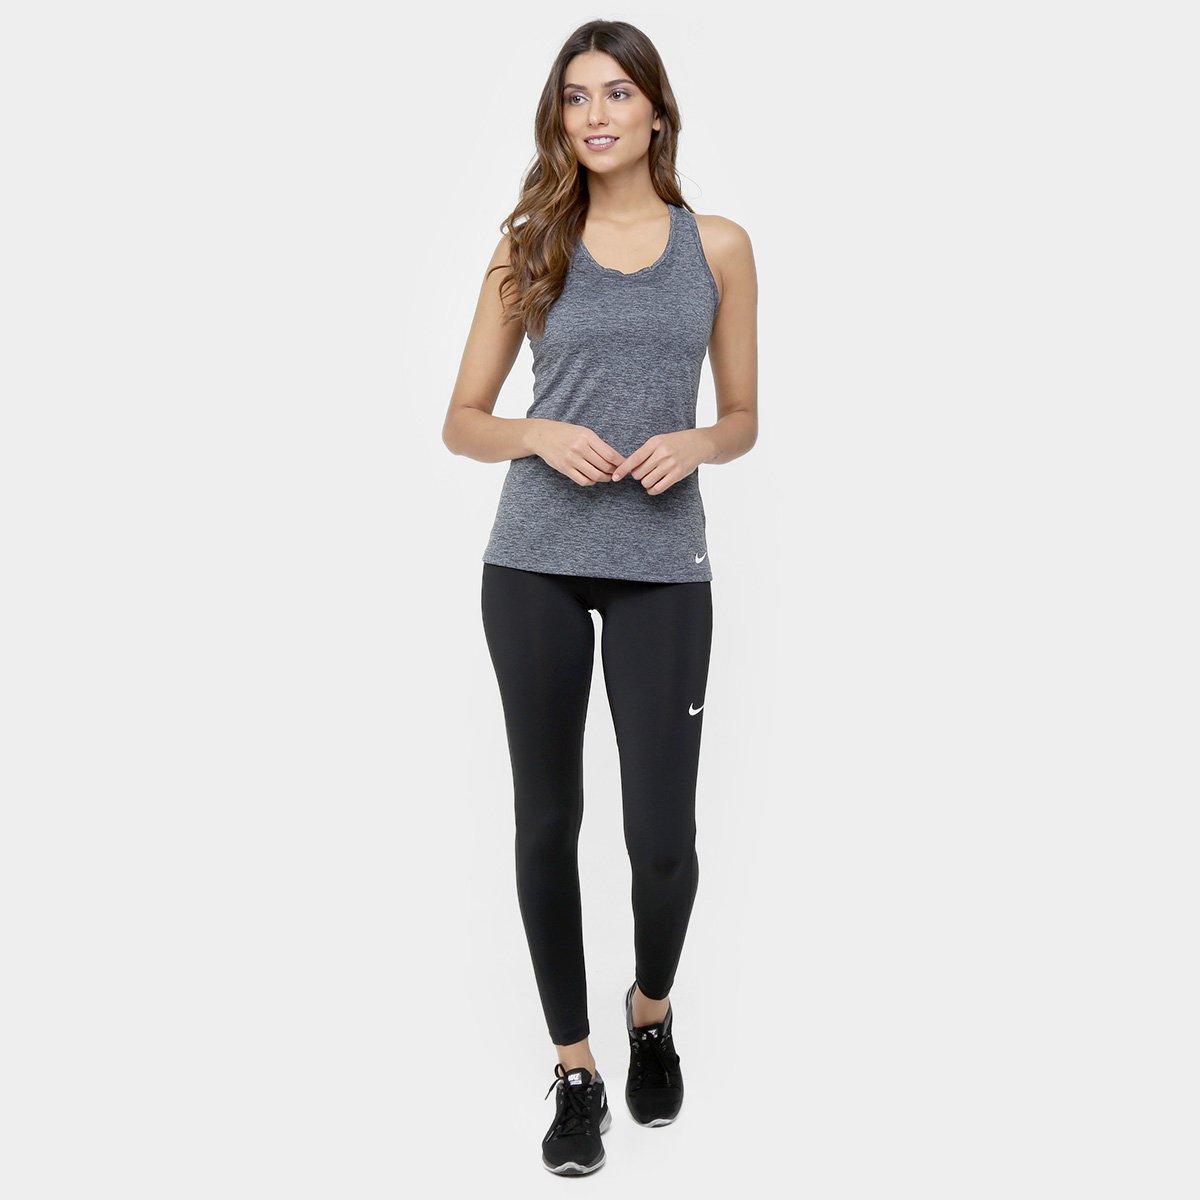 Calça Nike Pro Tight Feminina - Compre Agora  a1e8dc0eb236d